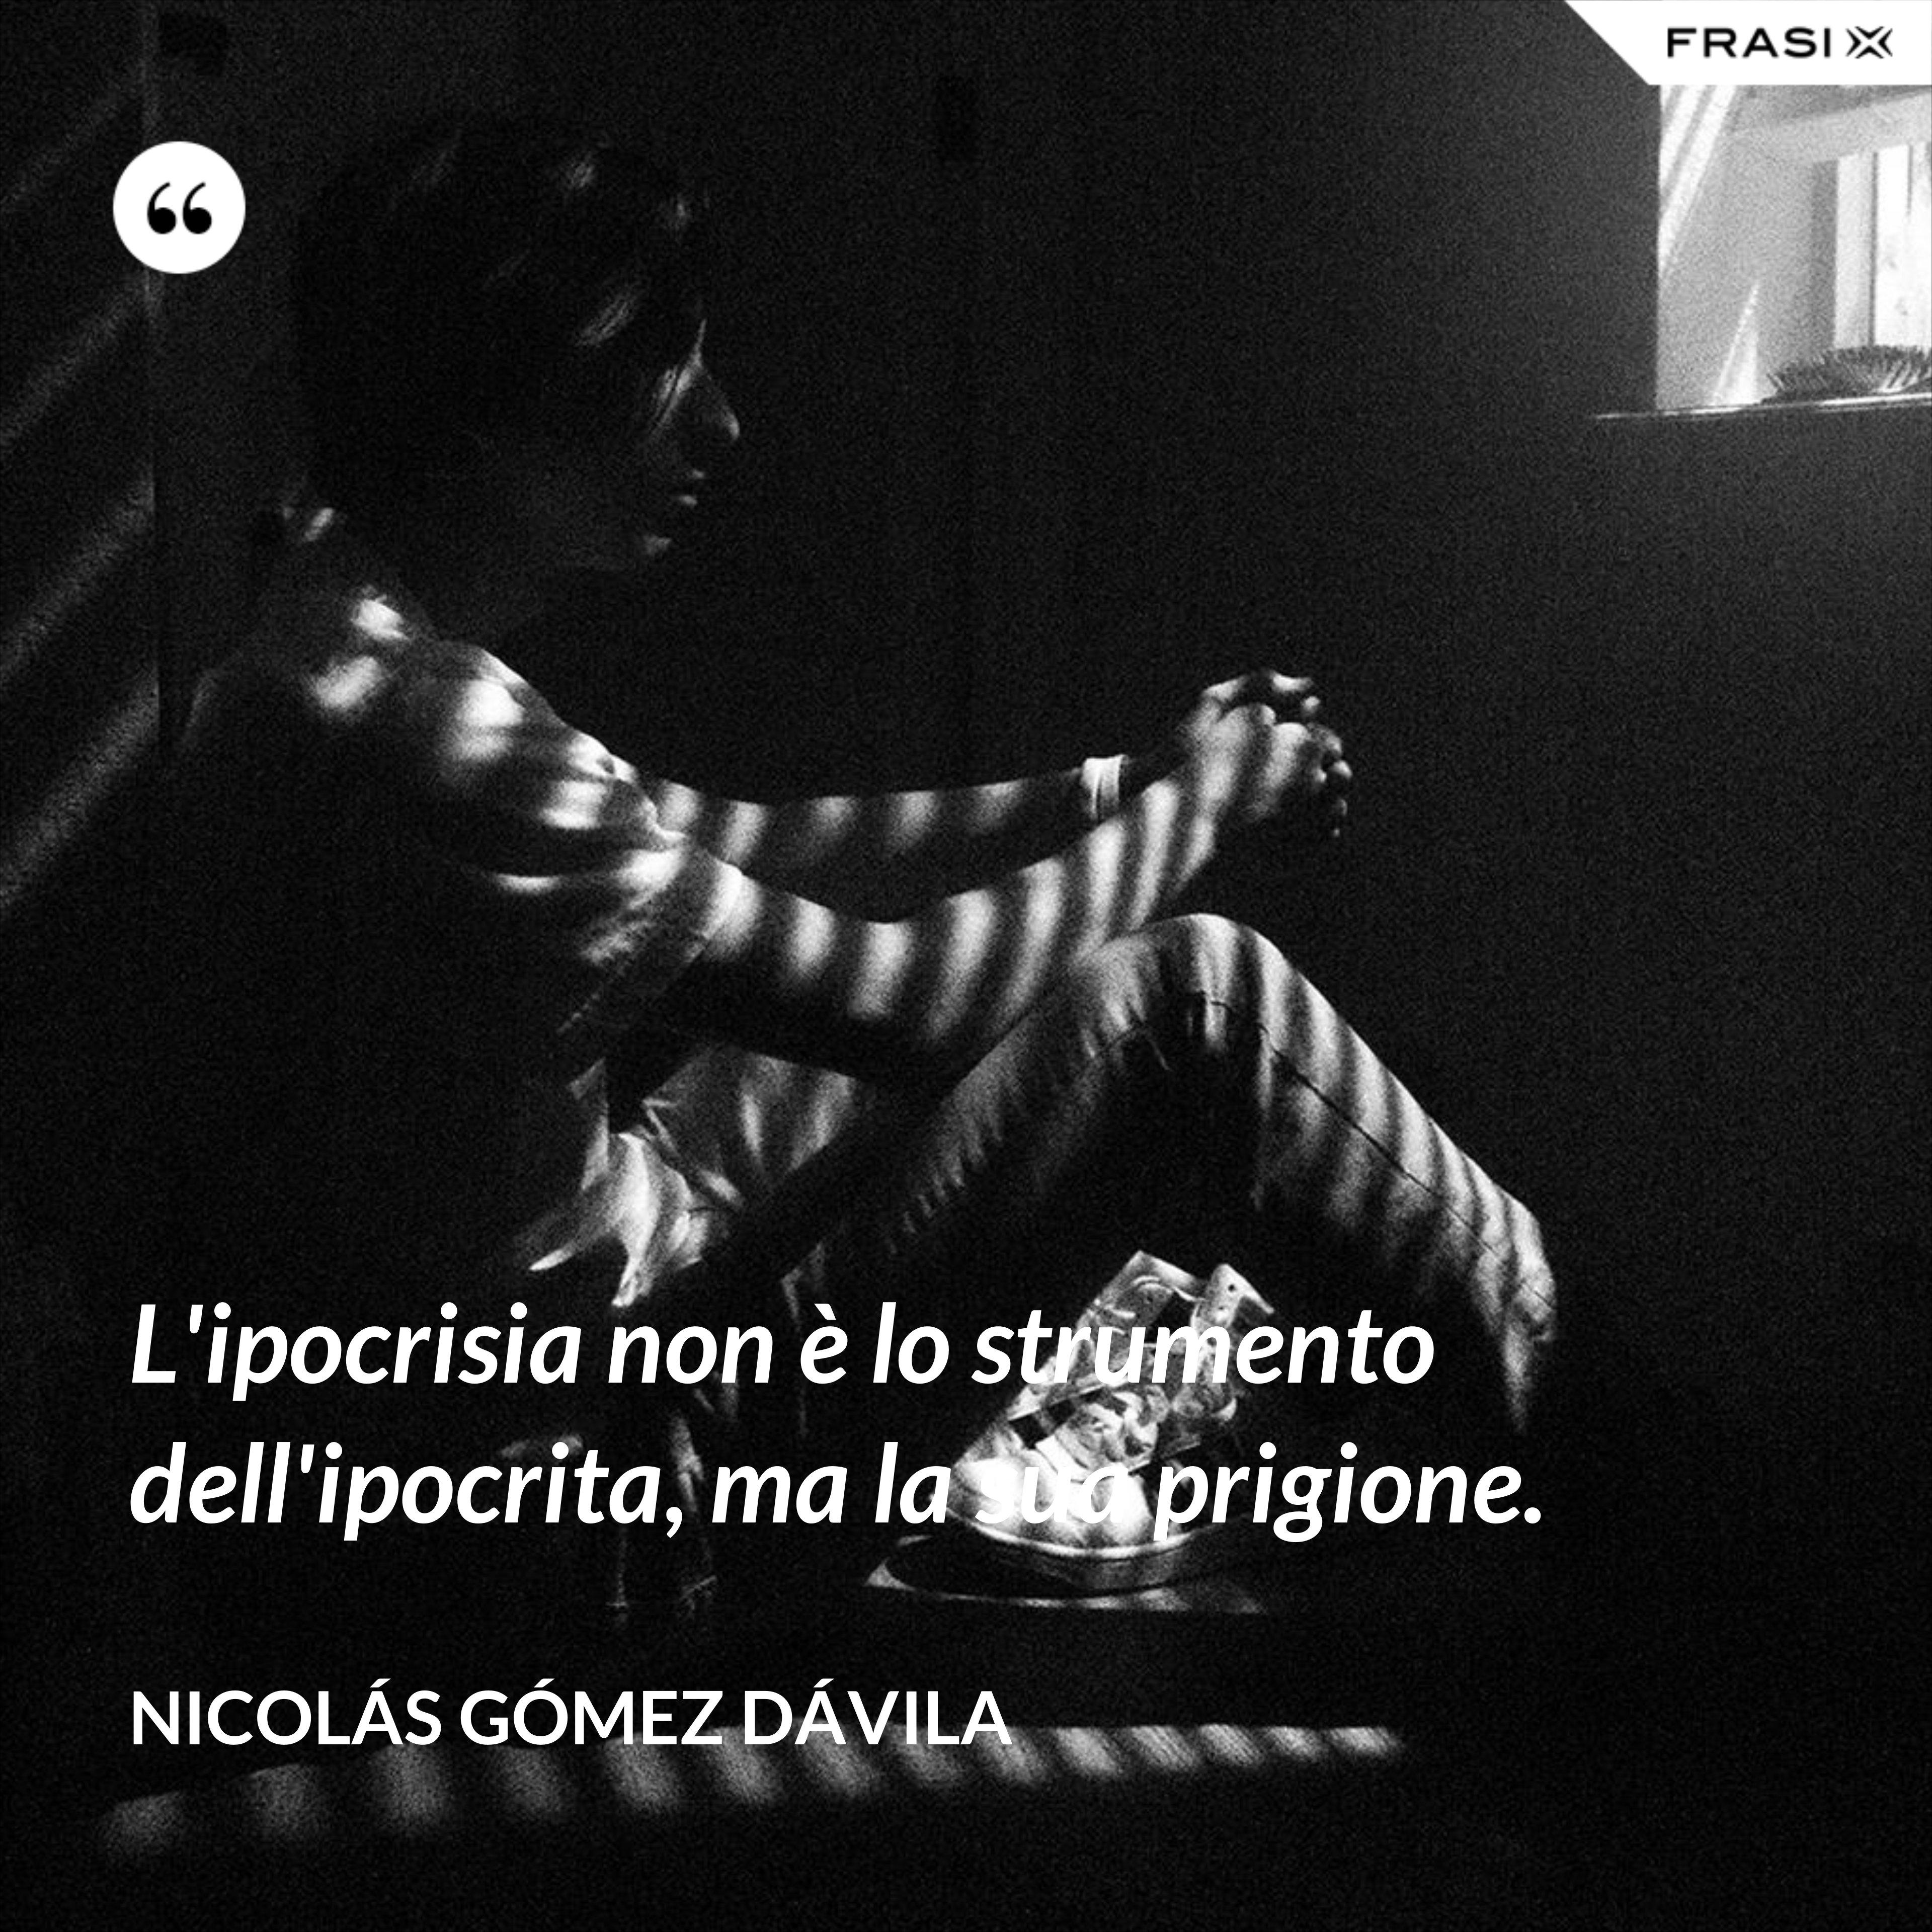 L'ipocrisia non è lo strumento dell'ipocrita, ma la sua prigione. - Nicolás Gómez Dávila